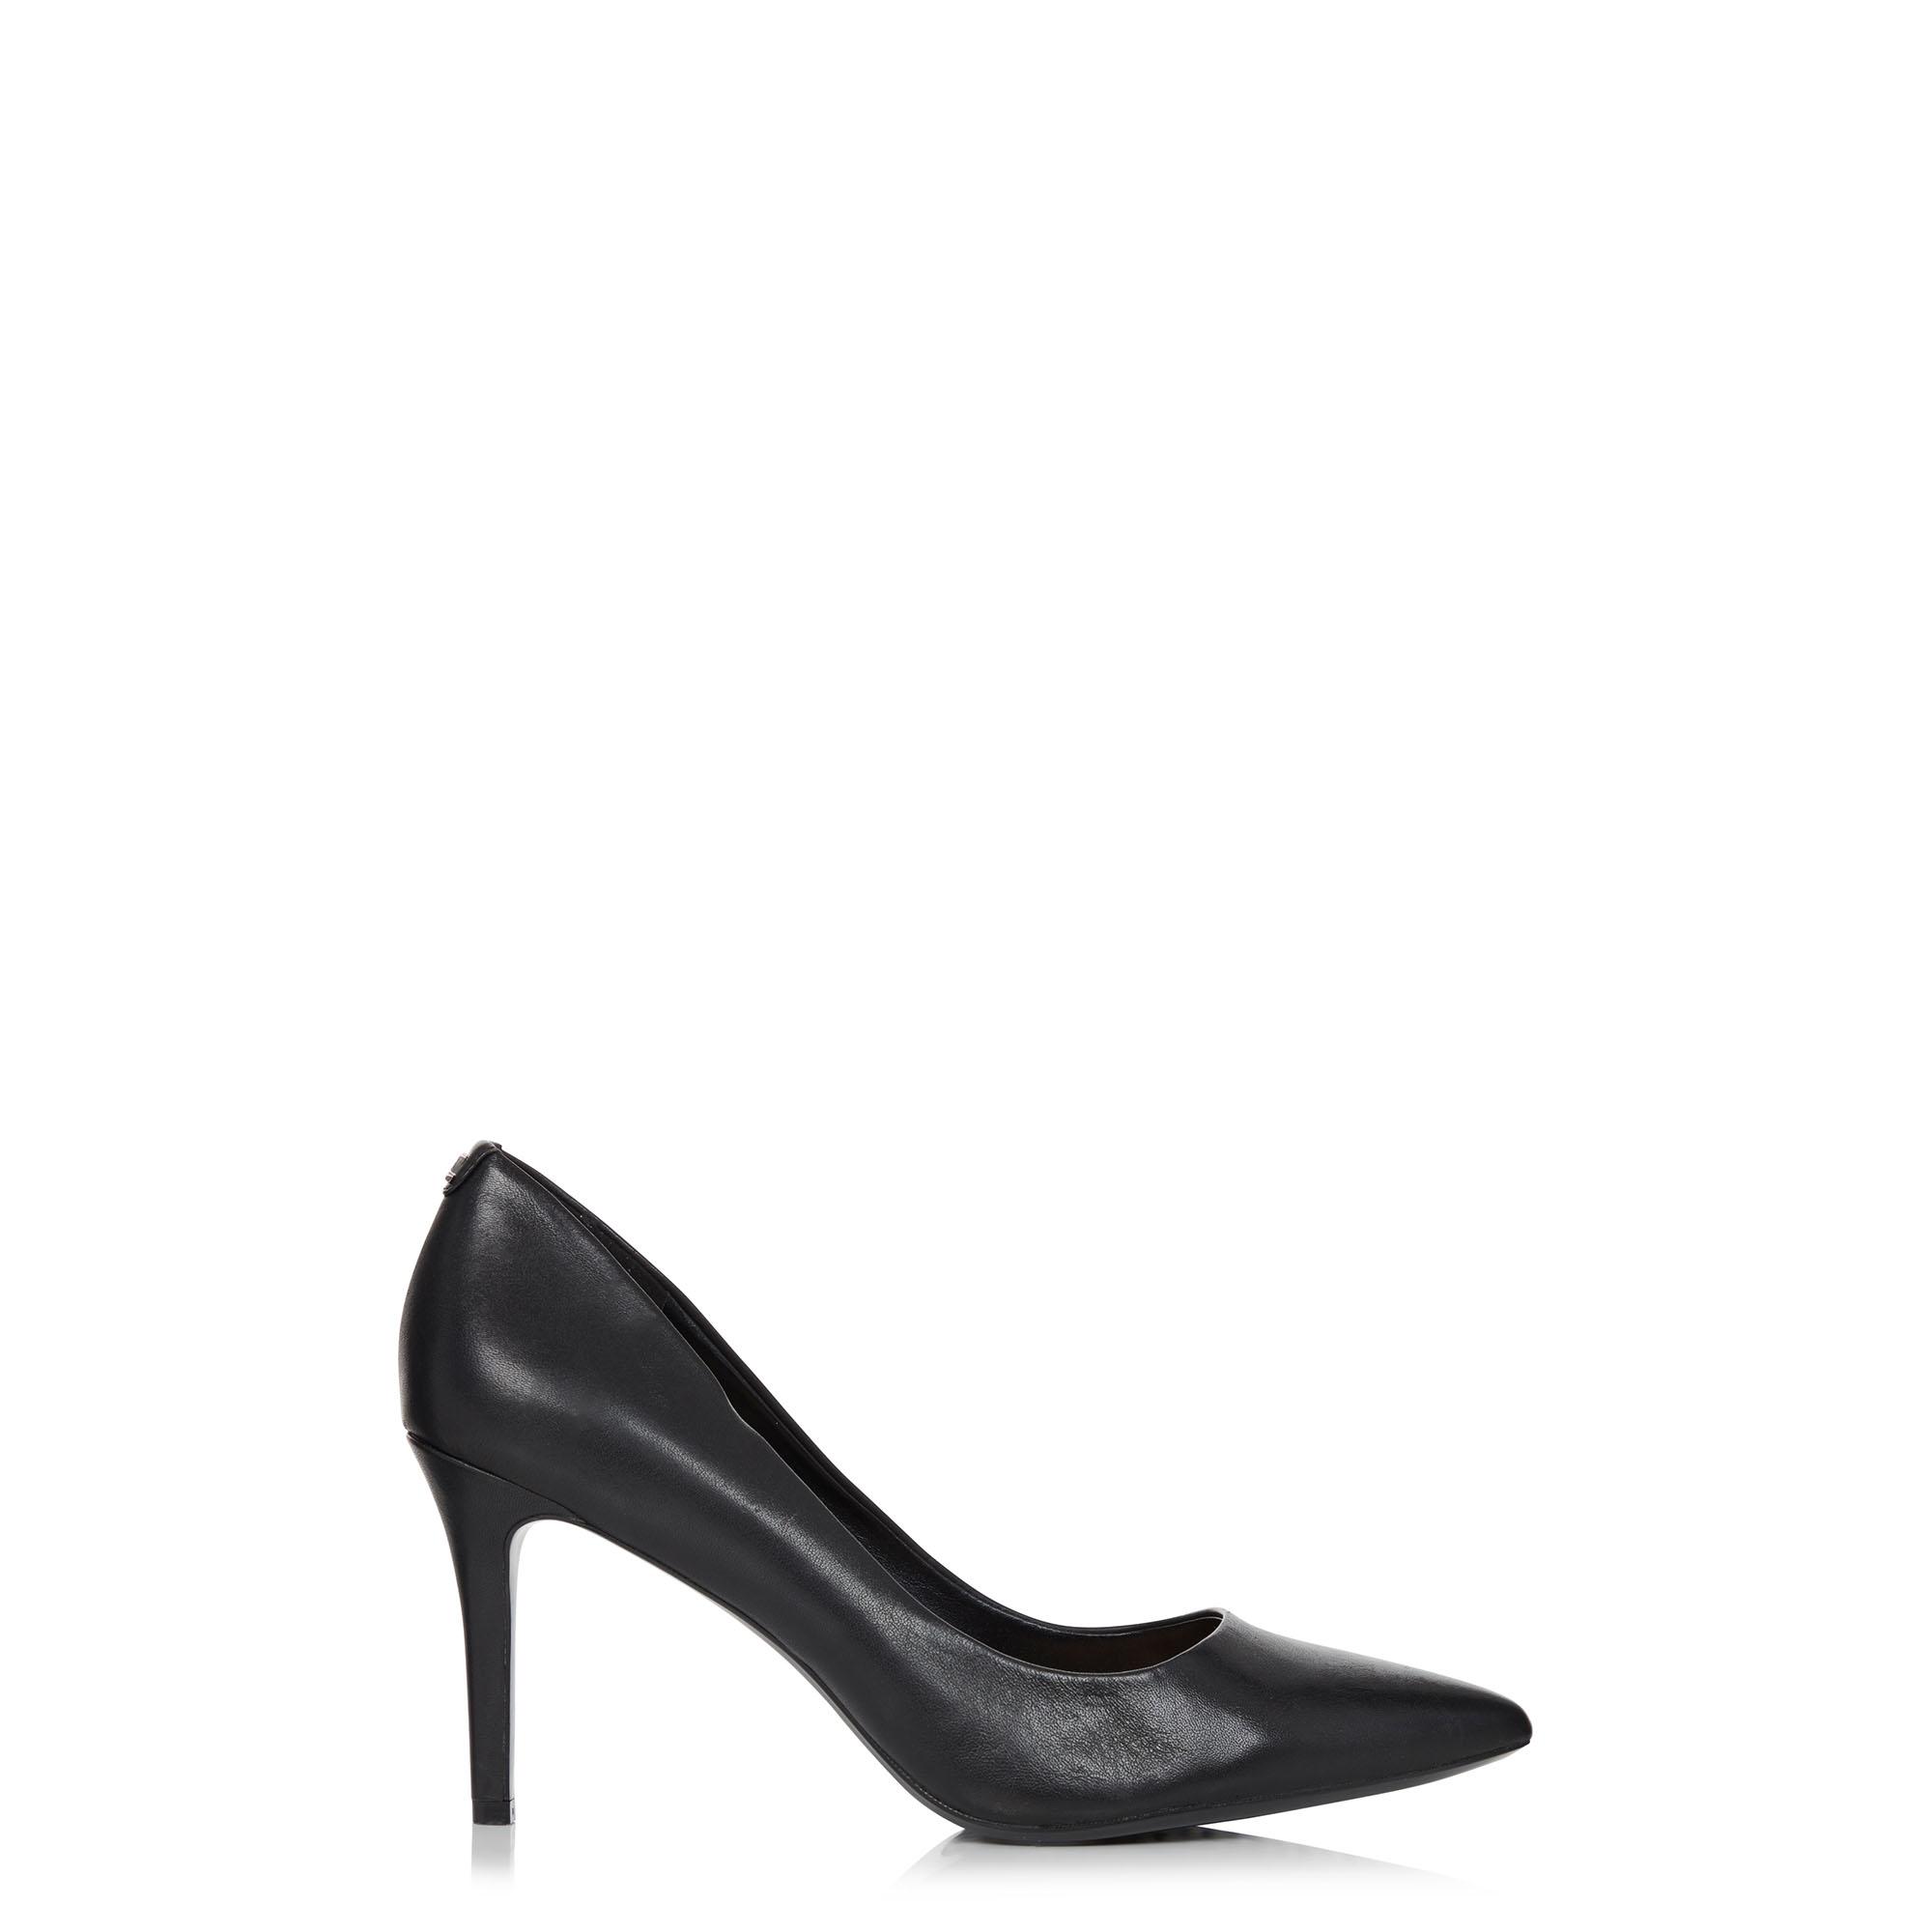 KARL LAGERFELD Black Royale Pointed Heels